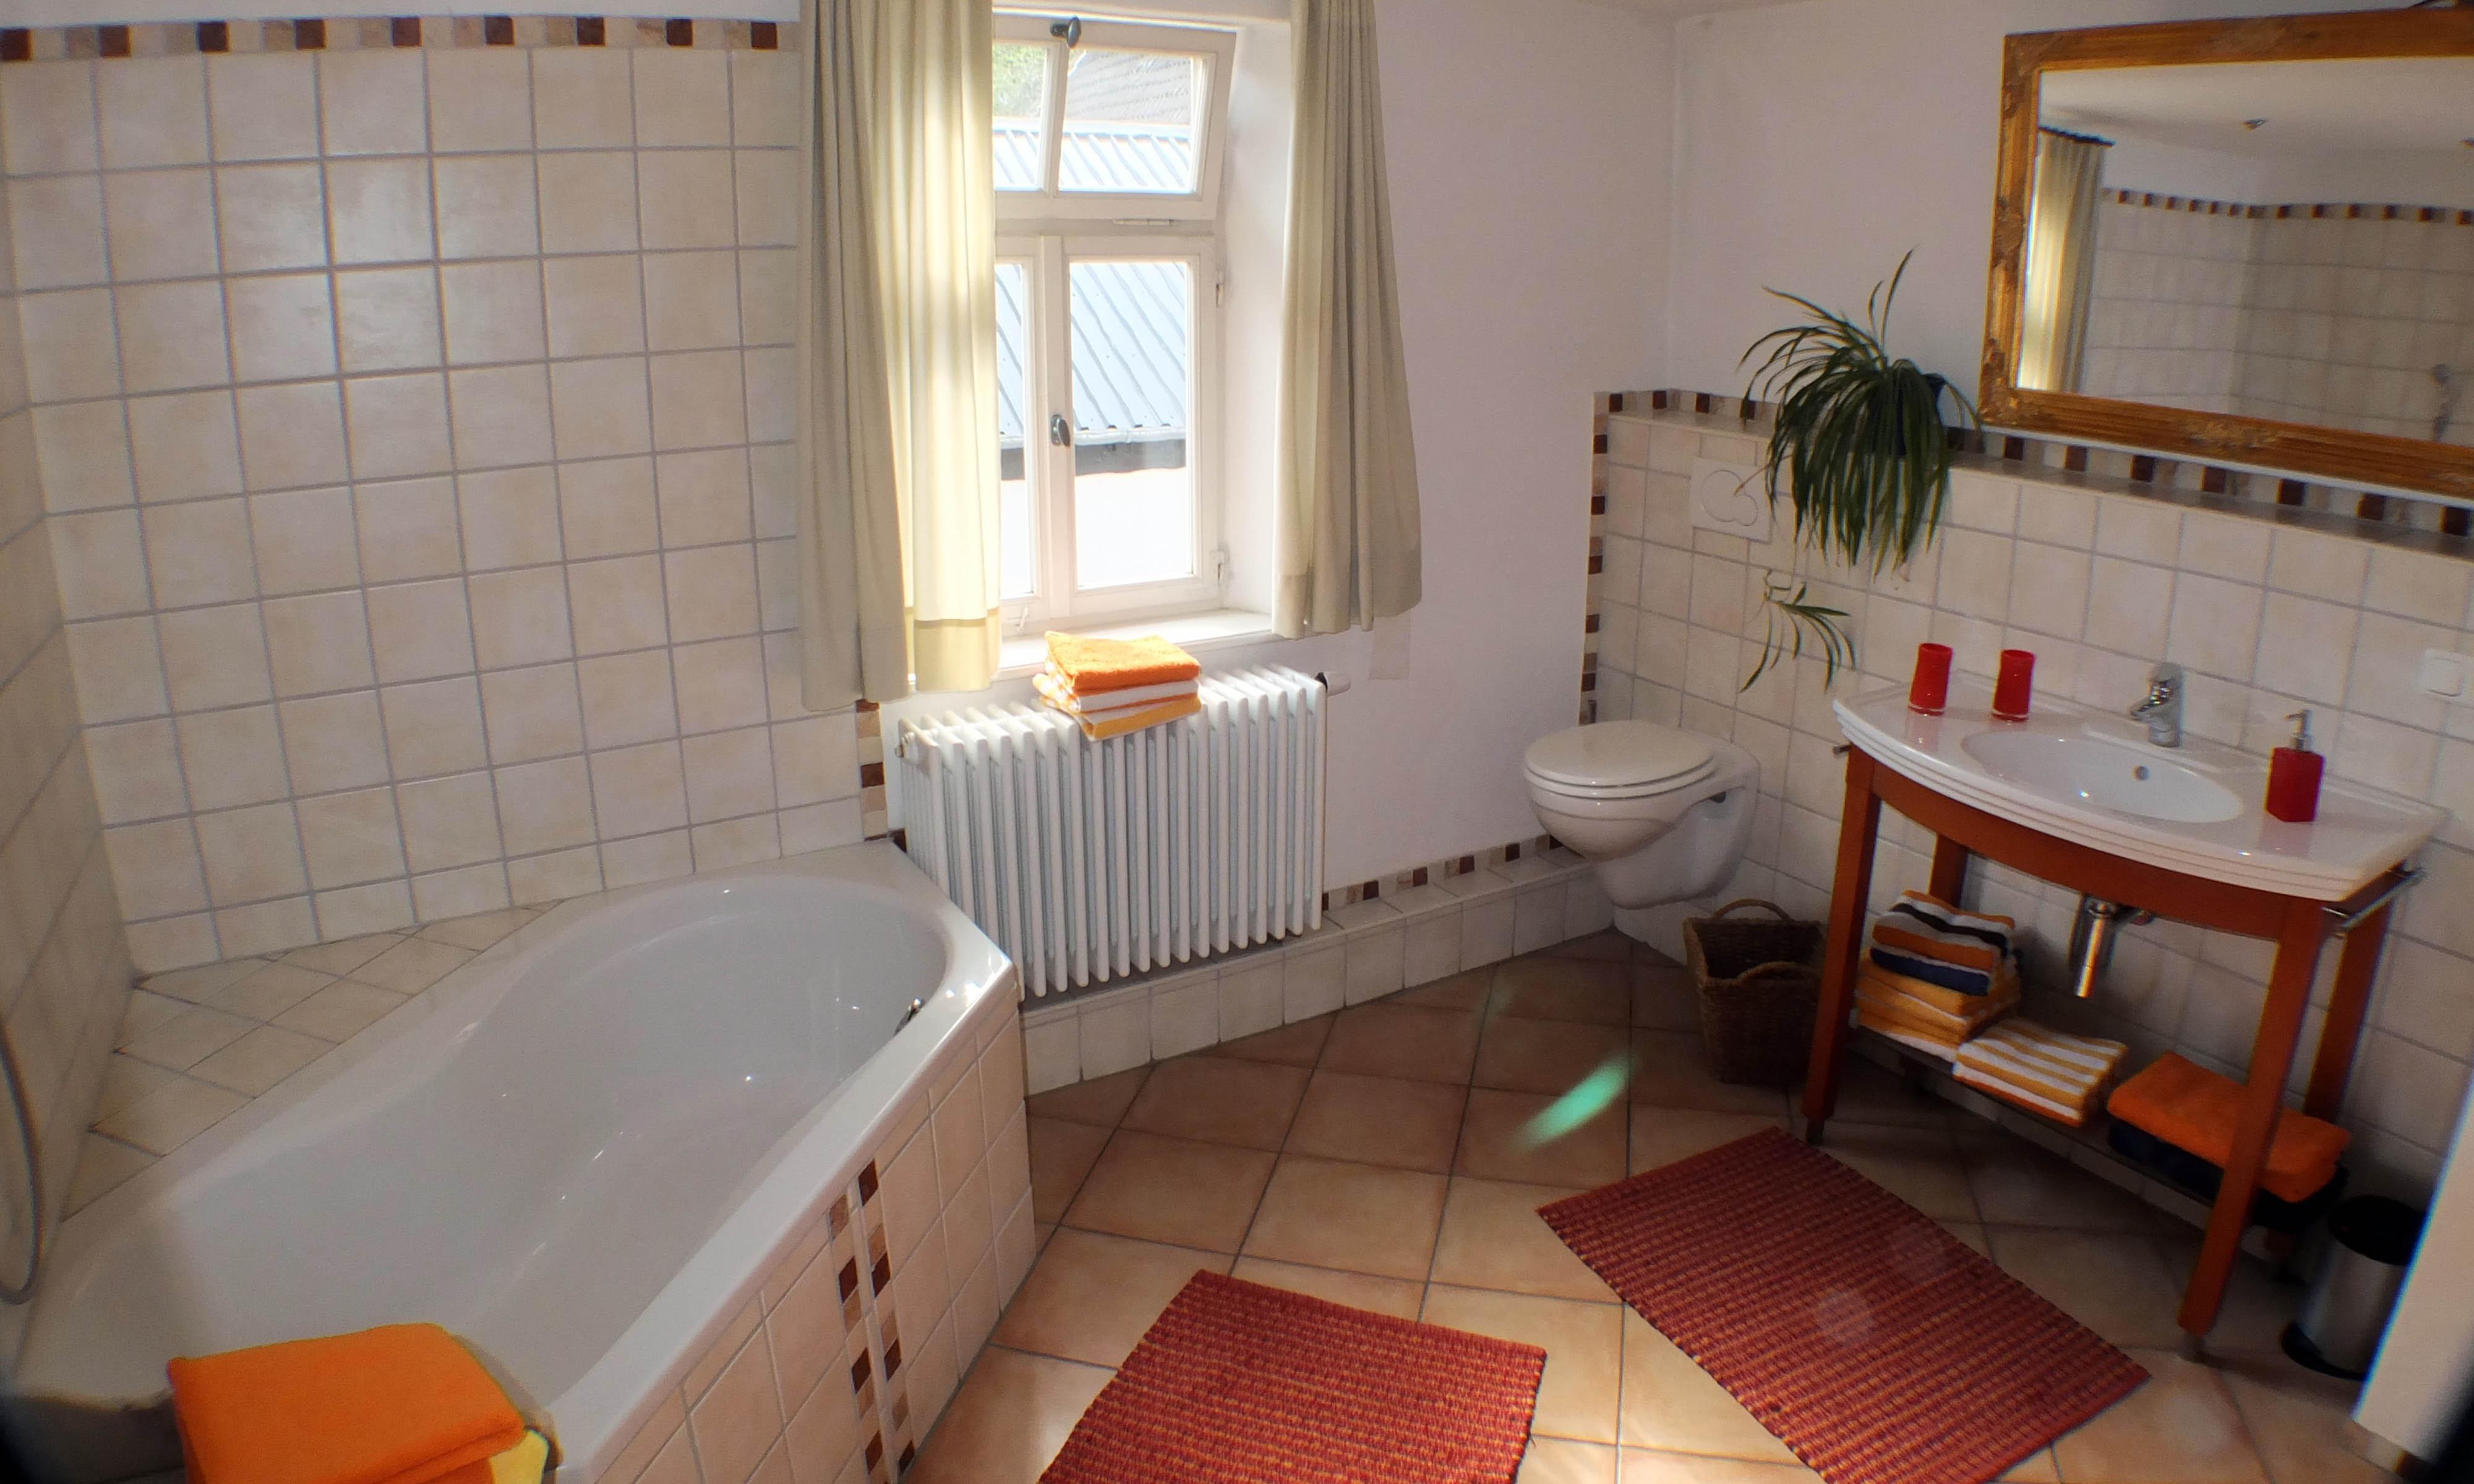 Die Ferienwohung besitzt ein helles, großzügiges Bad